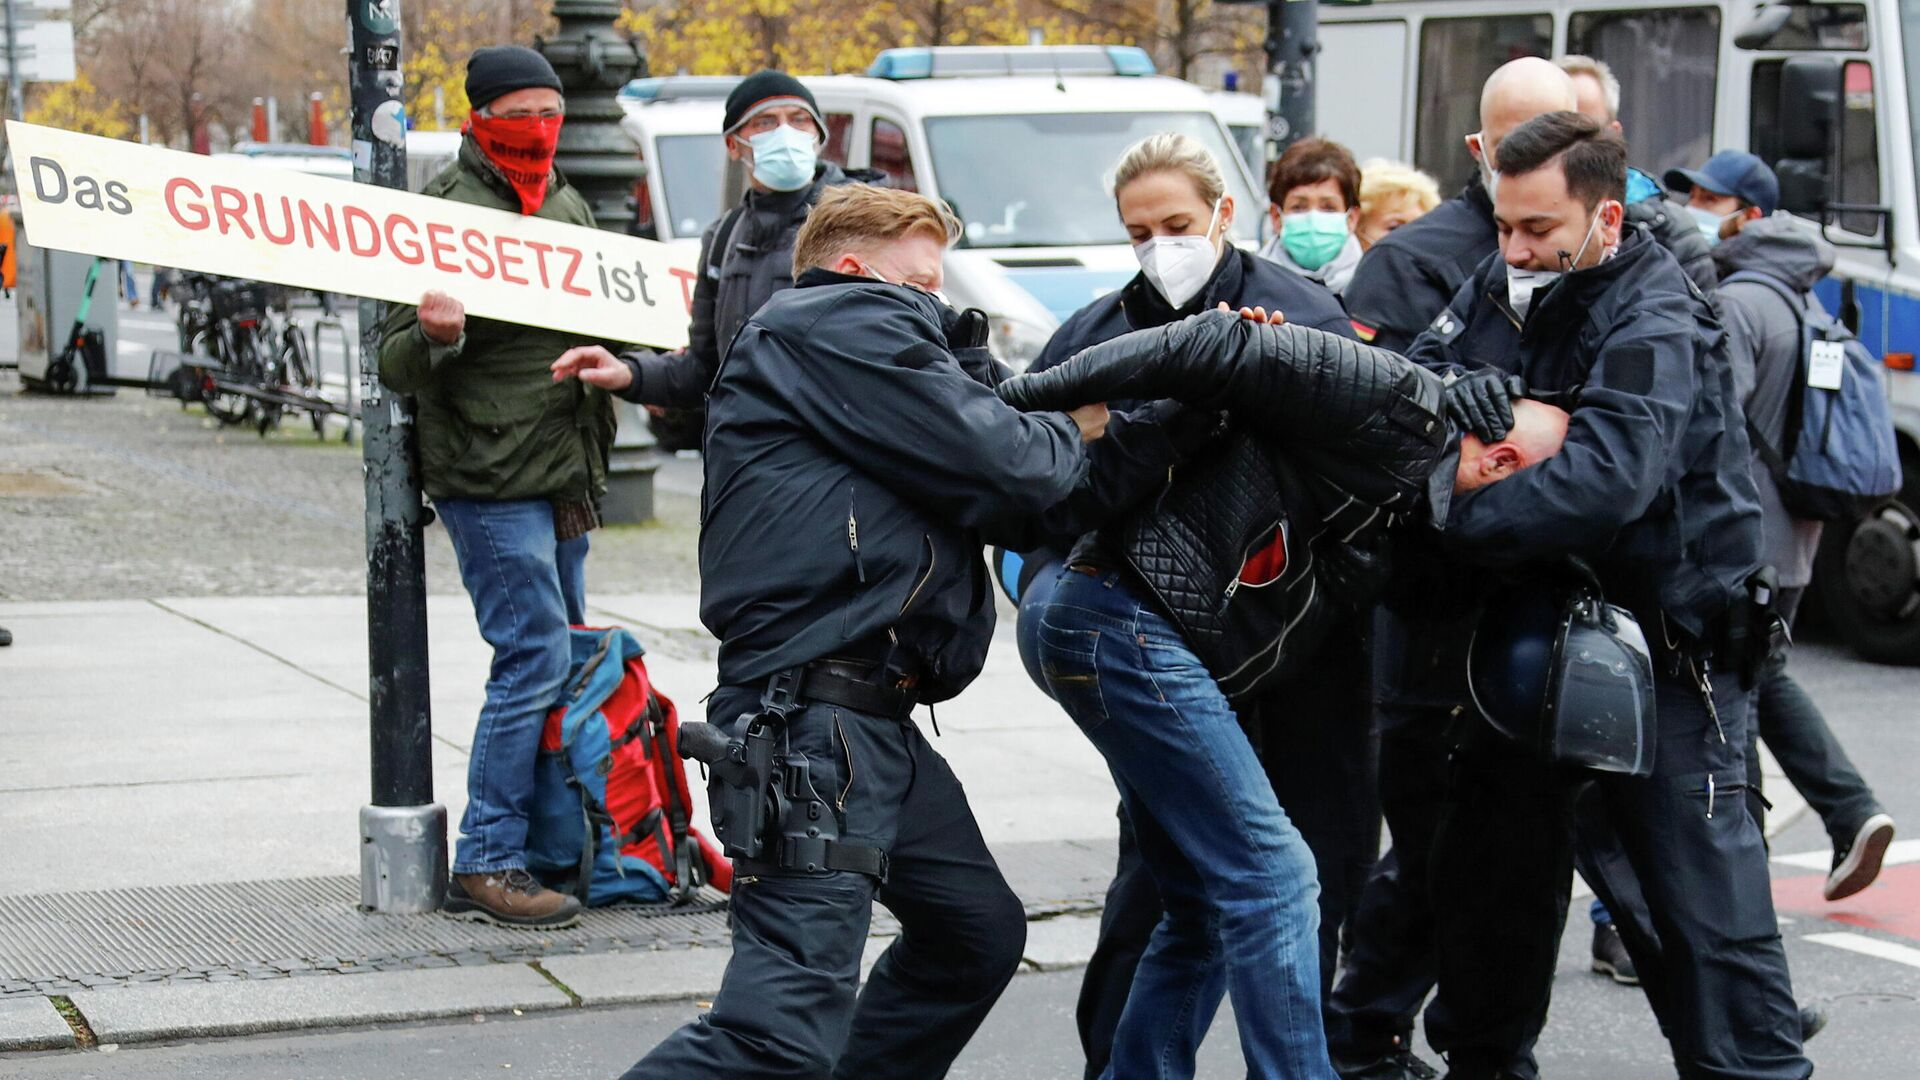 Полицейские задерживают участника протестов у здания бундестага в Берлине - РИА Новости, 1920, 18.11.2020